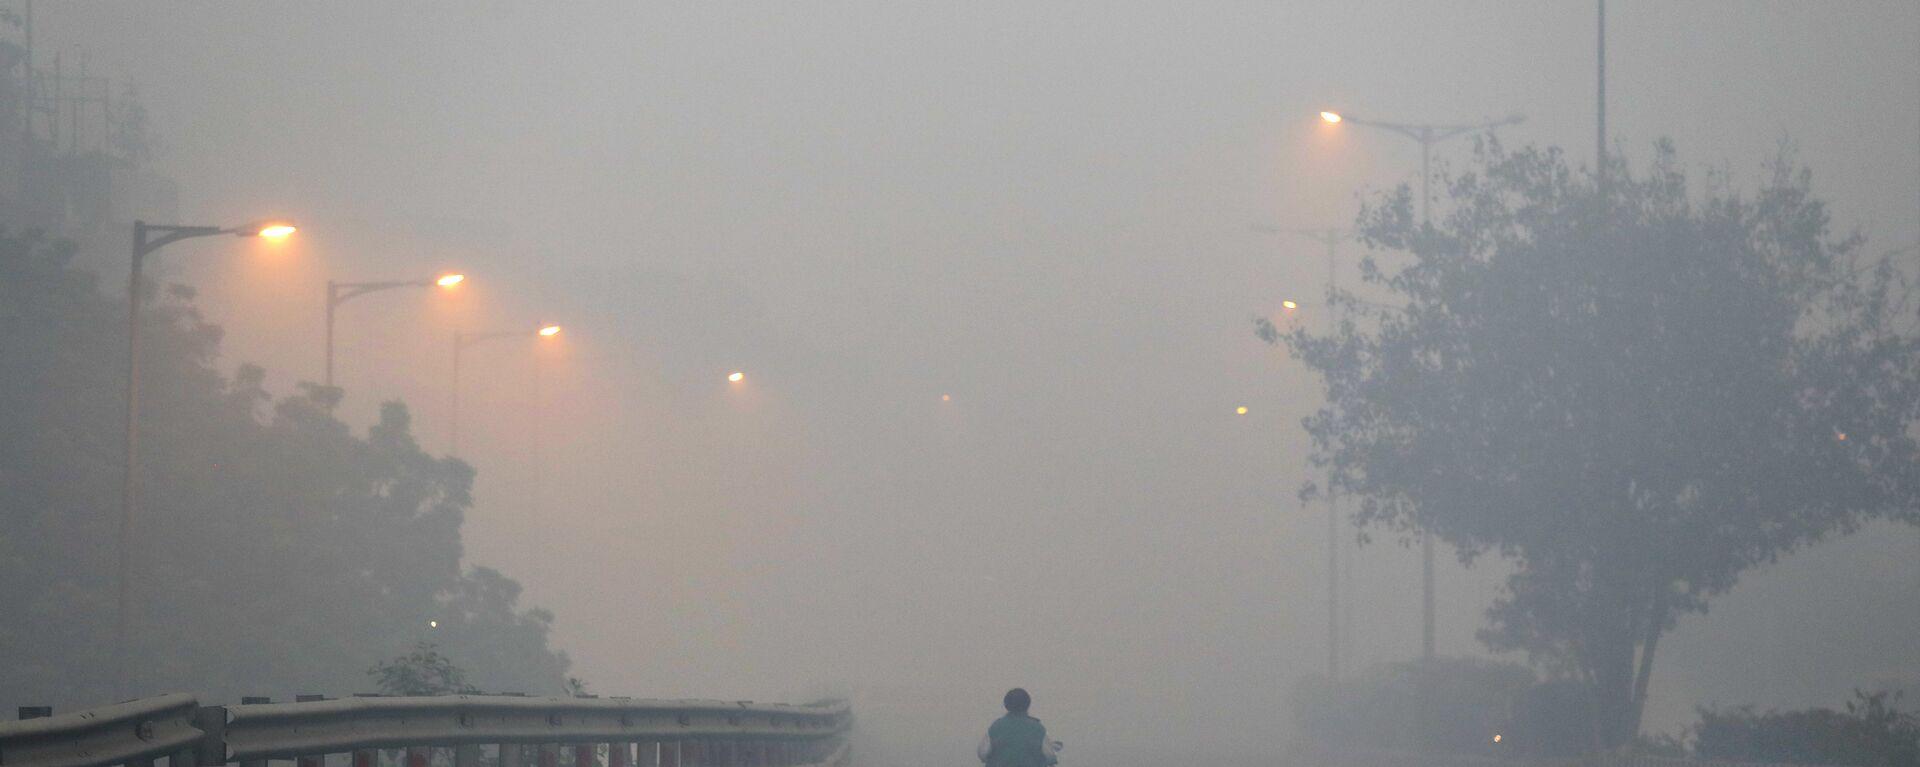 Nuova Delhi inquinamento - Sputnik Italia, 1920, 09.08.2021